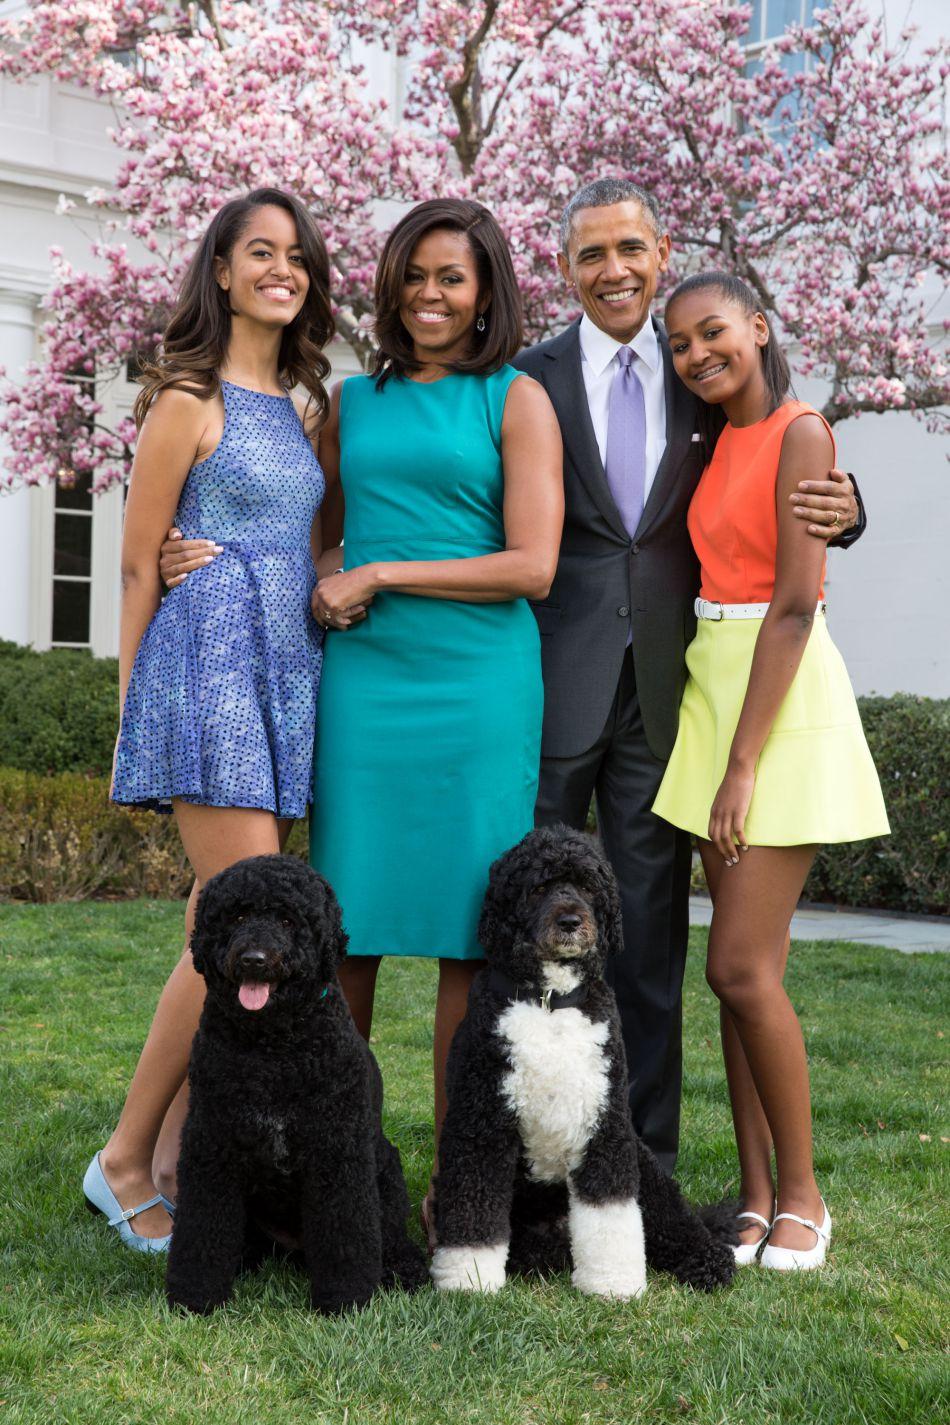 La fille de Michelle et Barack Obama a fêté ses 18 ans le même jour que la fête de l'indépendance.